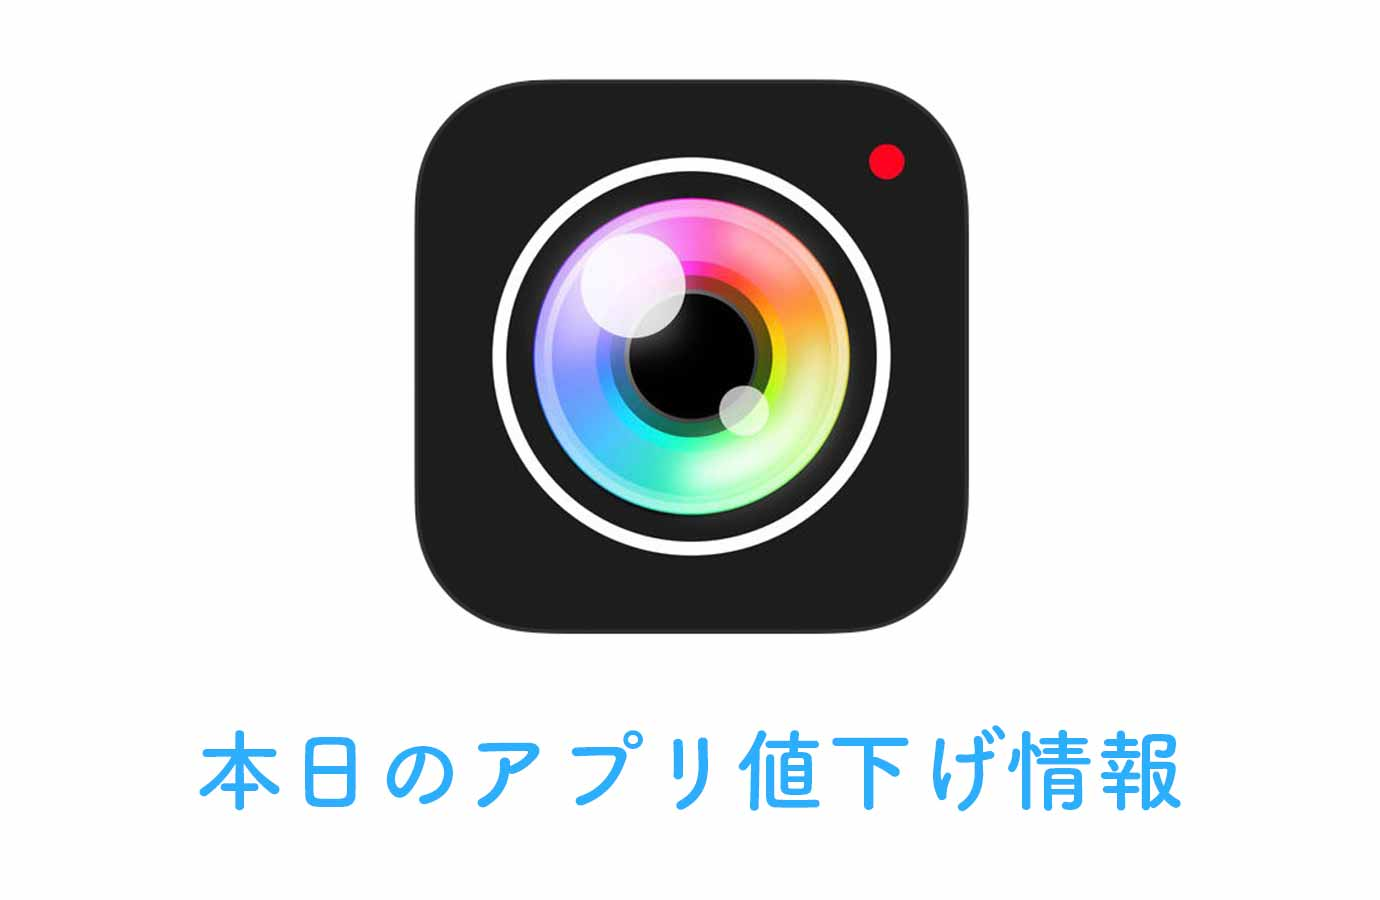 240円→無料!iPhoneを縦で持ったまま横長の写真が撮影できるカメラアプリ「Verticam」【7/21版】アプリ値下げ情報